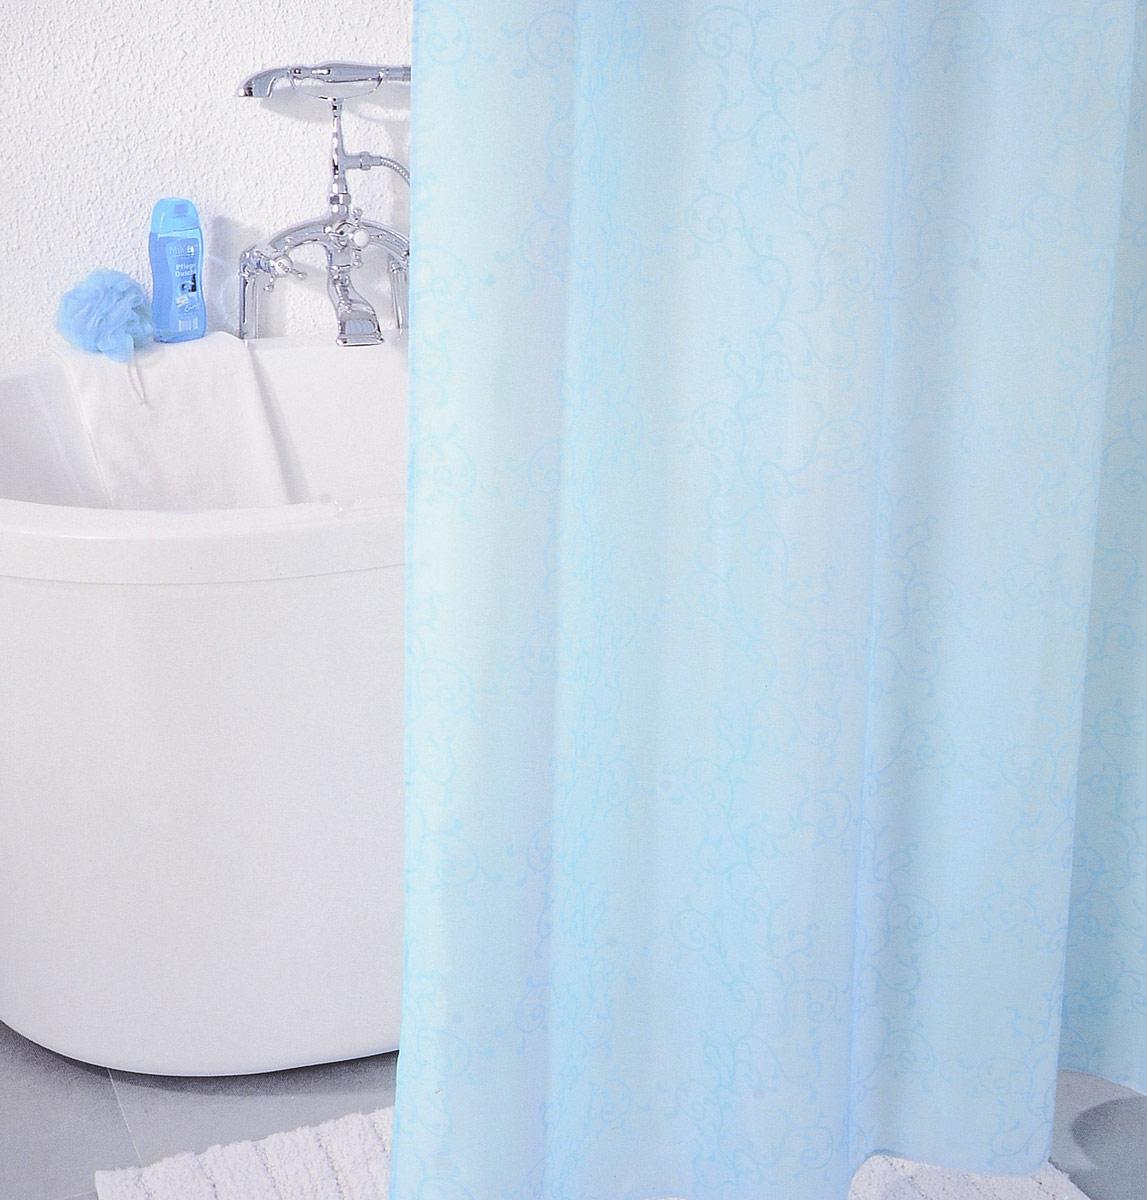 Штора для ванной комнаты Milardo, изготовлена из полиэстера с водоотталкивающей пропиткой, декорирована витиеватым рисунком. Штора быстро сохнет, легко моется (разрешена деликатная стирка в стиральной машине при температуре 30°С без отжима) и обладает повышенной износостойкостью, благодаря двойной обработке краев и устойчивым красителям. Вверху предусмотрены пластиковые люверсы. В комплекте также имеется 12 пластиковых колец.   Штора для ванной Milardo порадует вас своим ярким дизайном и добавит уюта в ванную комнату.